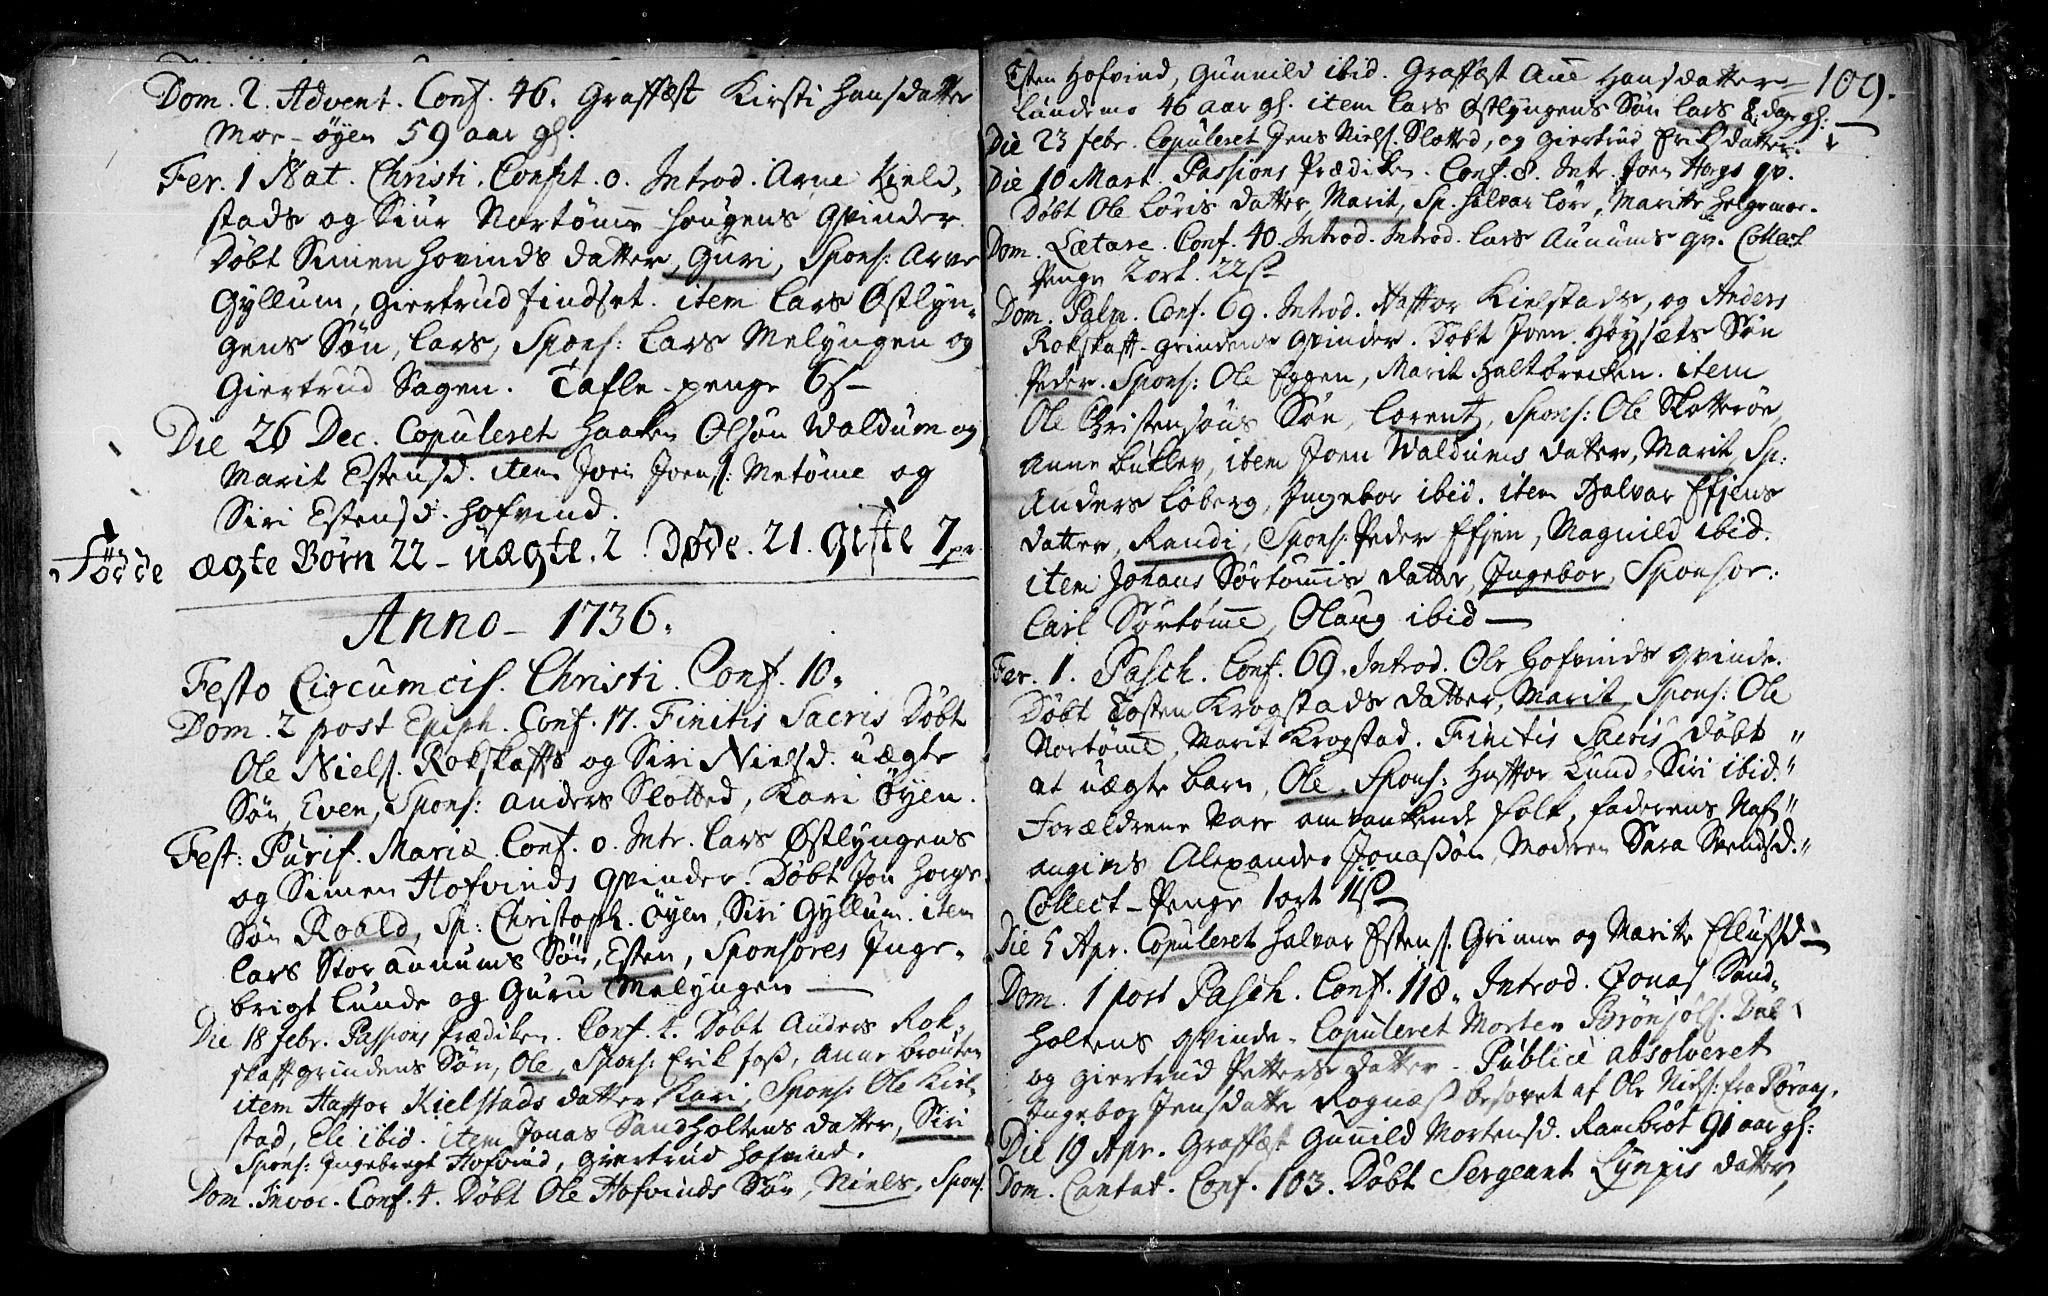 SAT, Ministerialprotokoller, klokkerbøker og fødselsregistre - Sør-Trøndelag, 692/L1101: Ministerialbok nr. 692A01, 1690-1746, s. 109